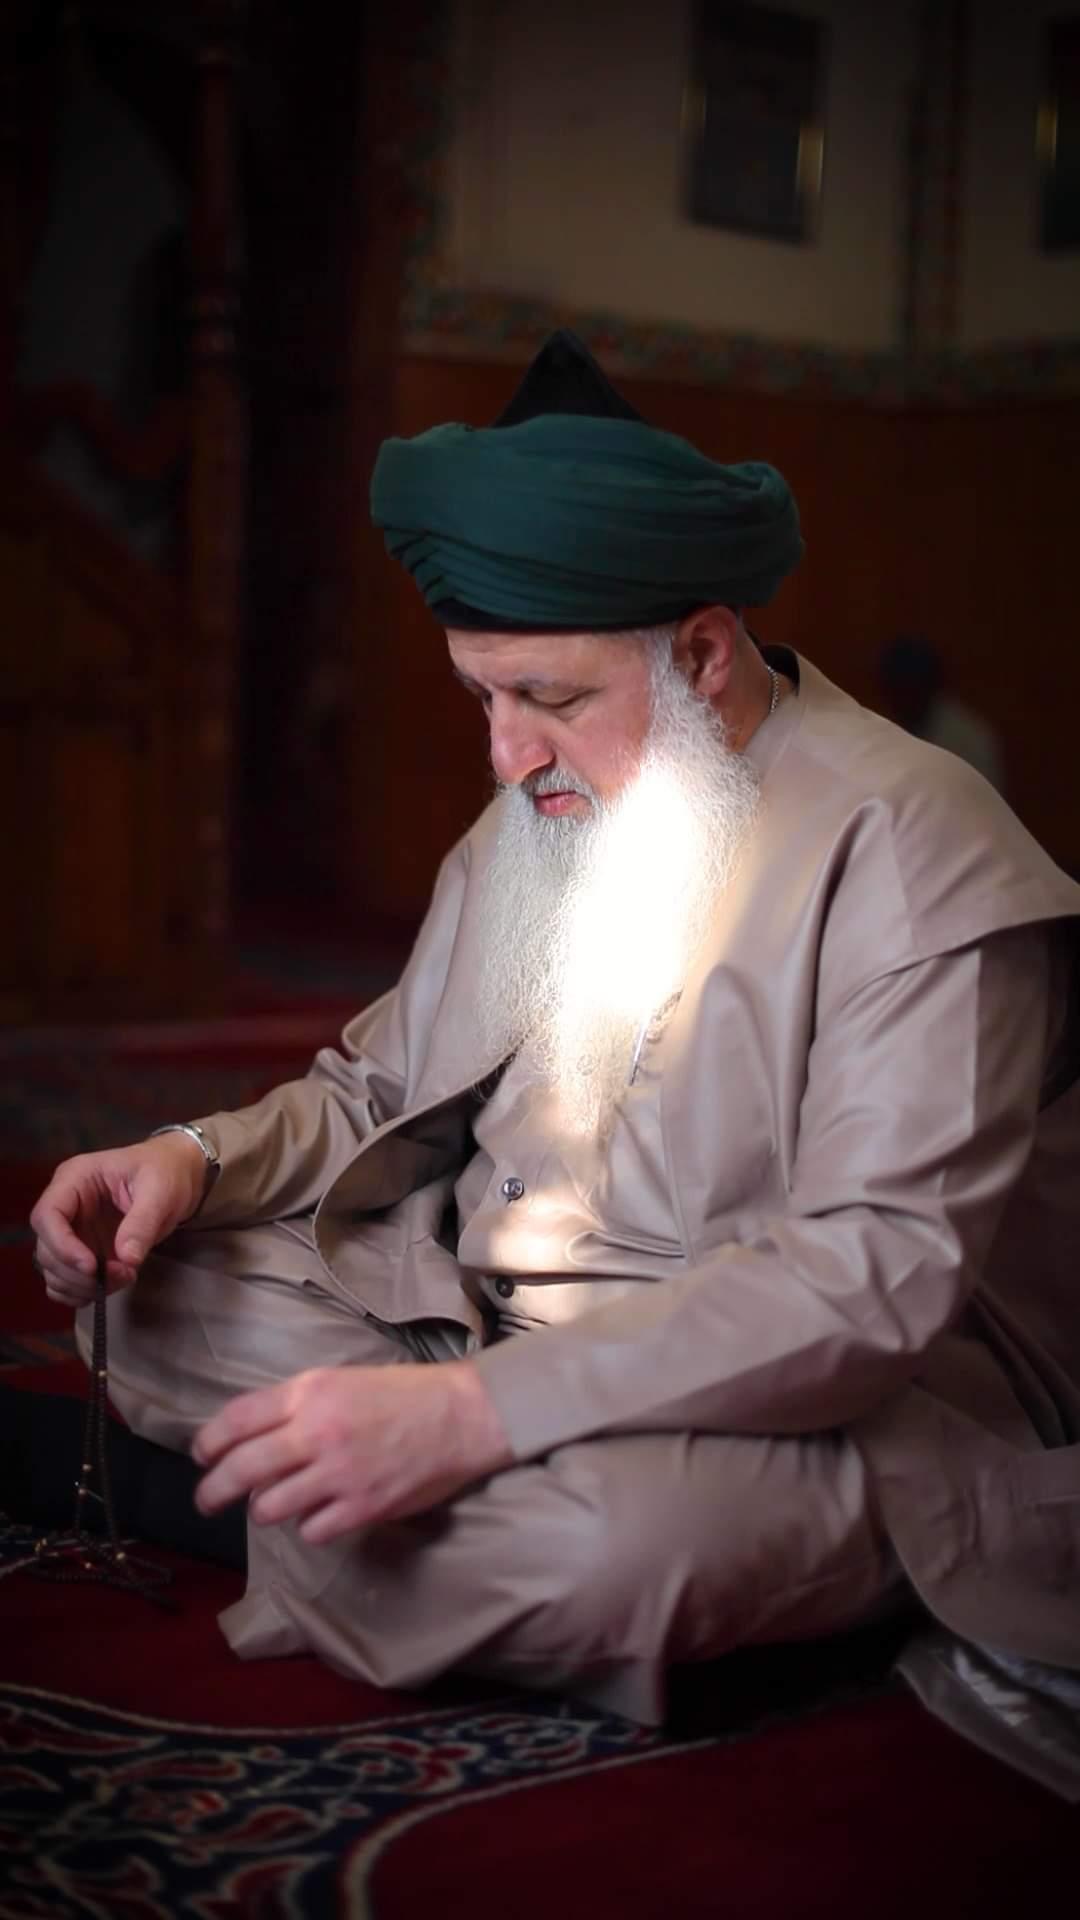 ماہ ِرجب کے آداب Practices of Welcoming Month of Rajab یہ آداب رجب کا مہینہ شر...